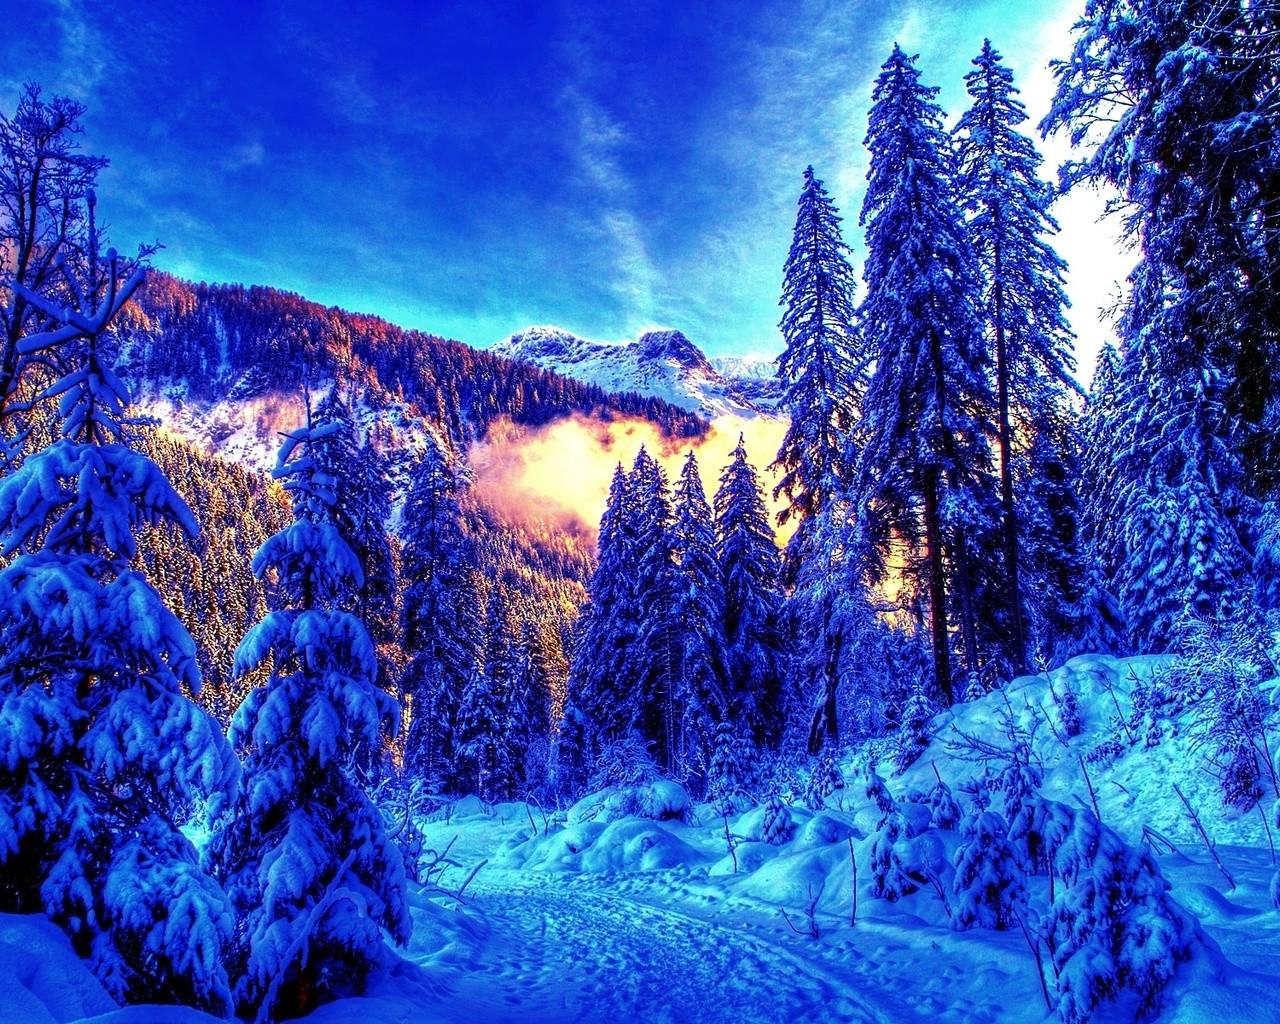 зимний лес 8